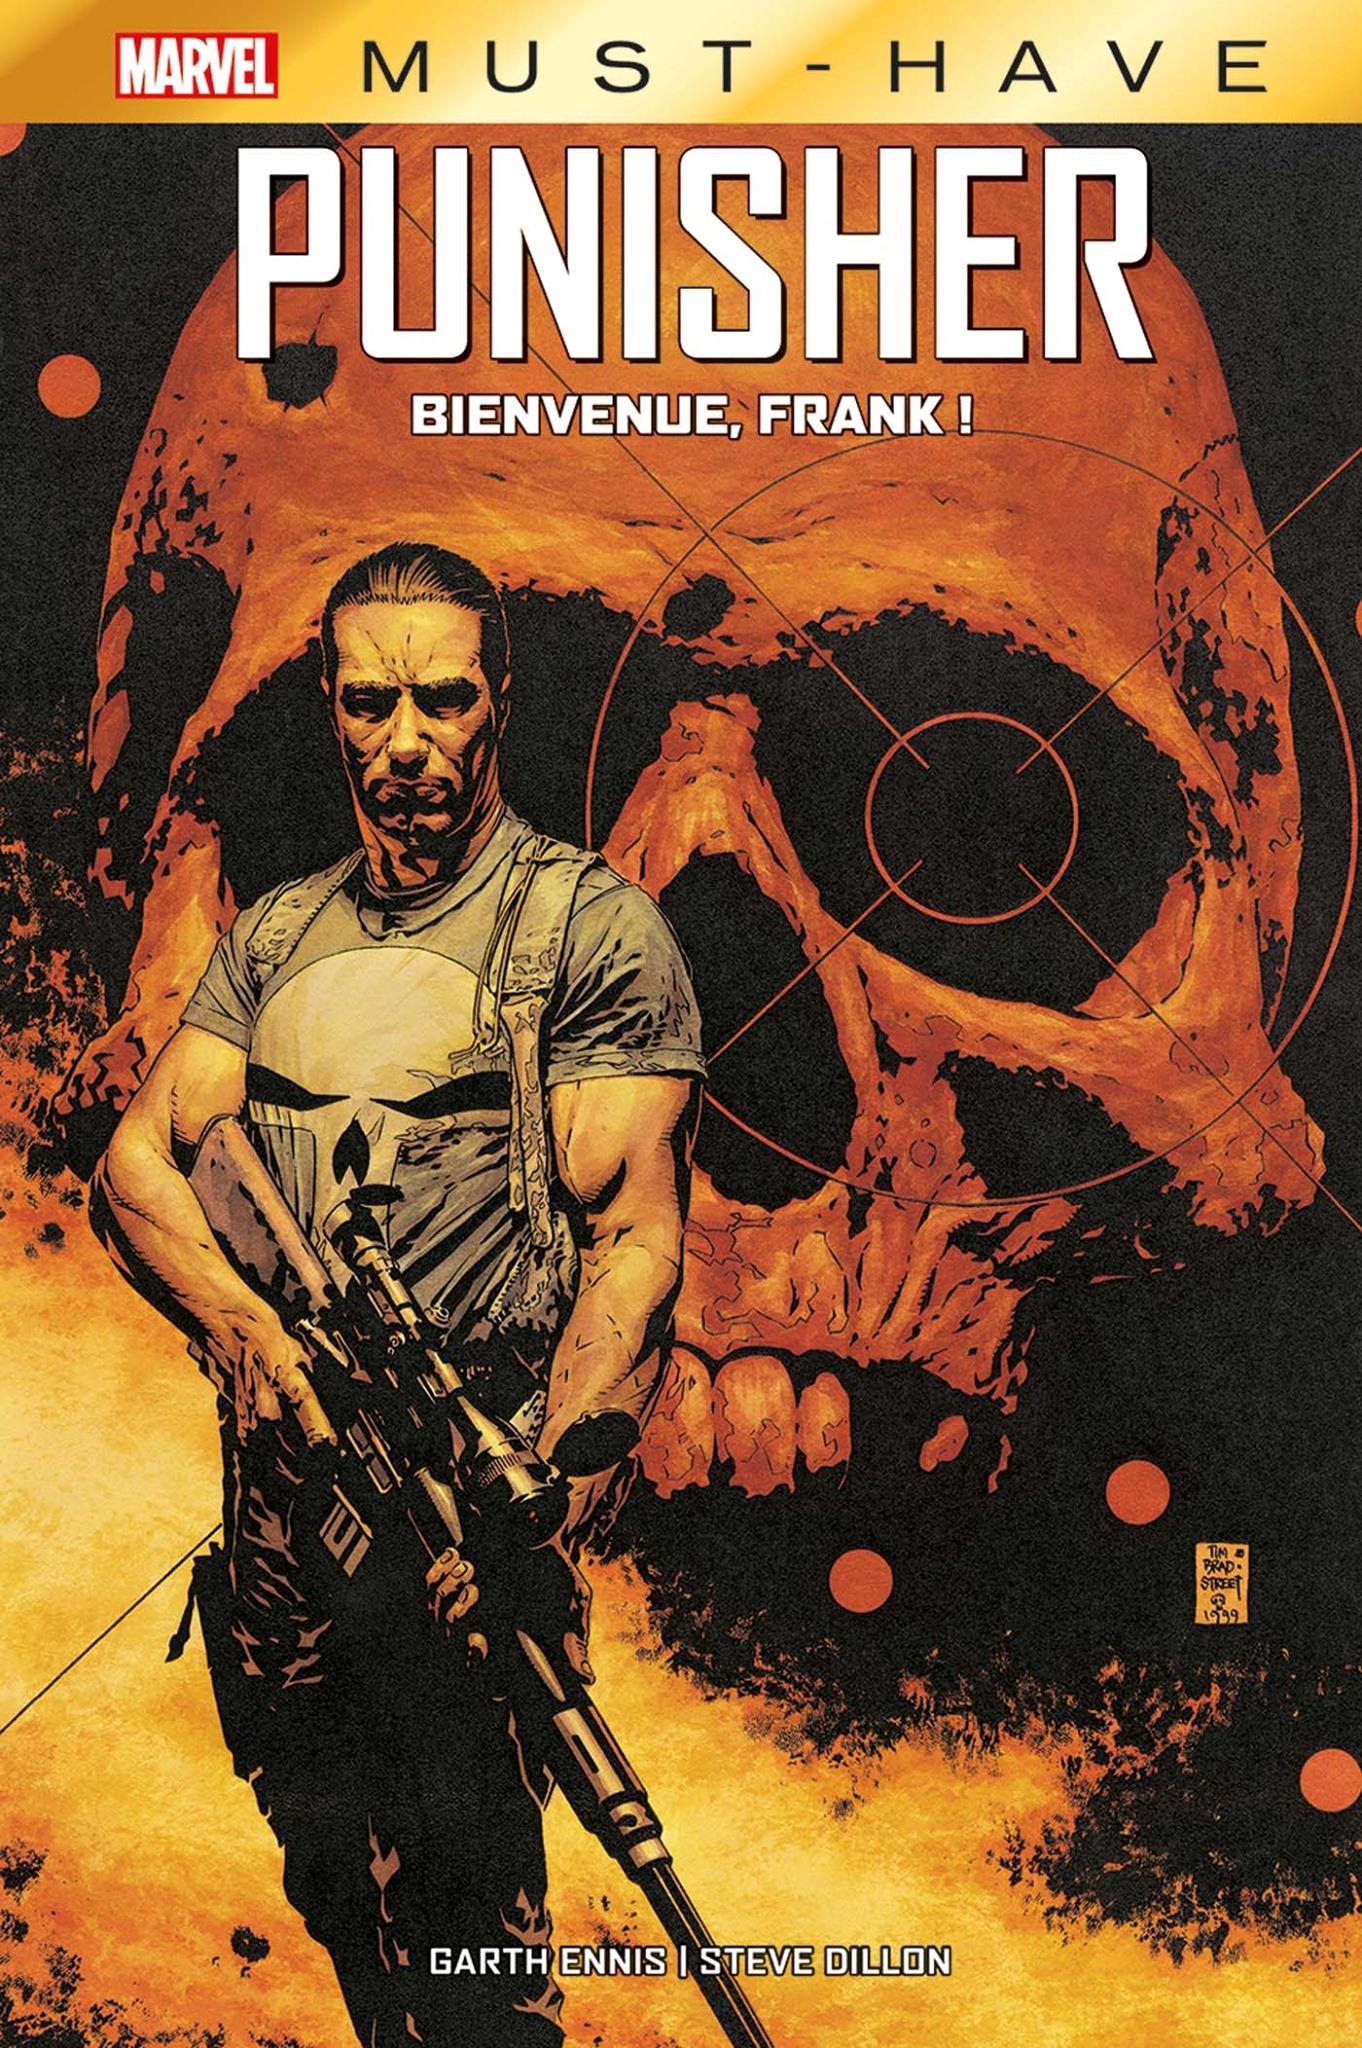 PUNISHER : BIENVENUE, FRANK ! (MUST-HAVE)